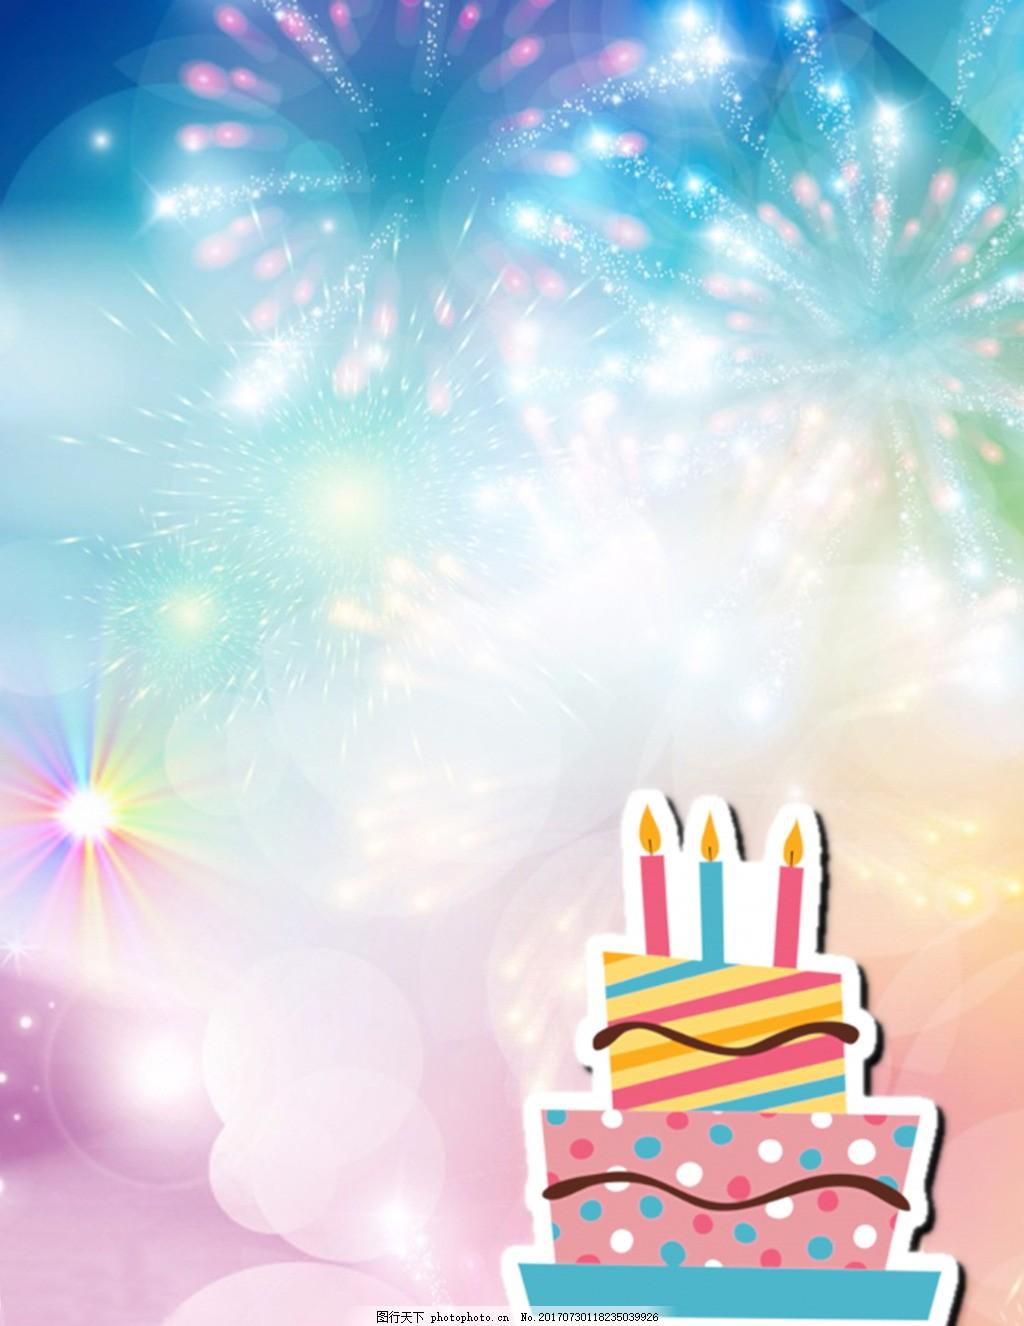 手绘生日烟花背景 喜庆 彩色 渐变 彩色蛋糕 透明气泡